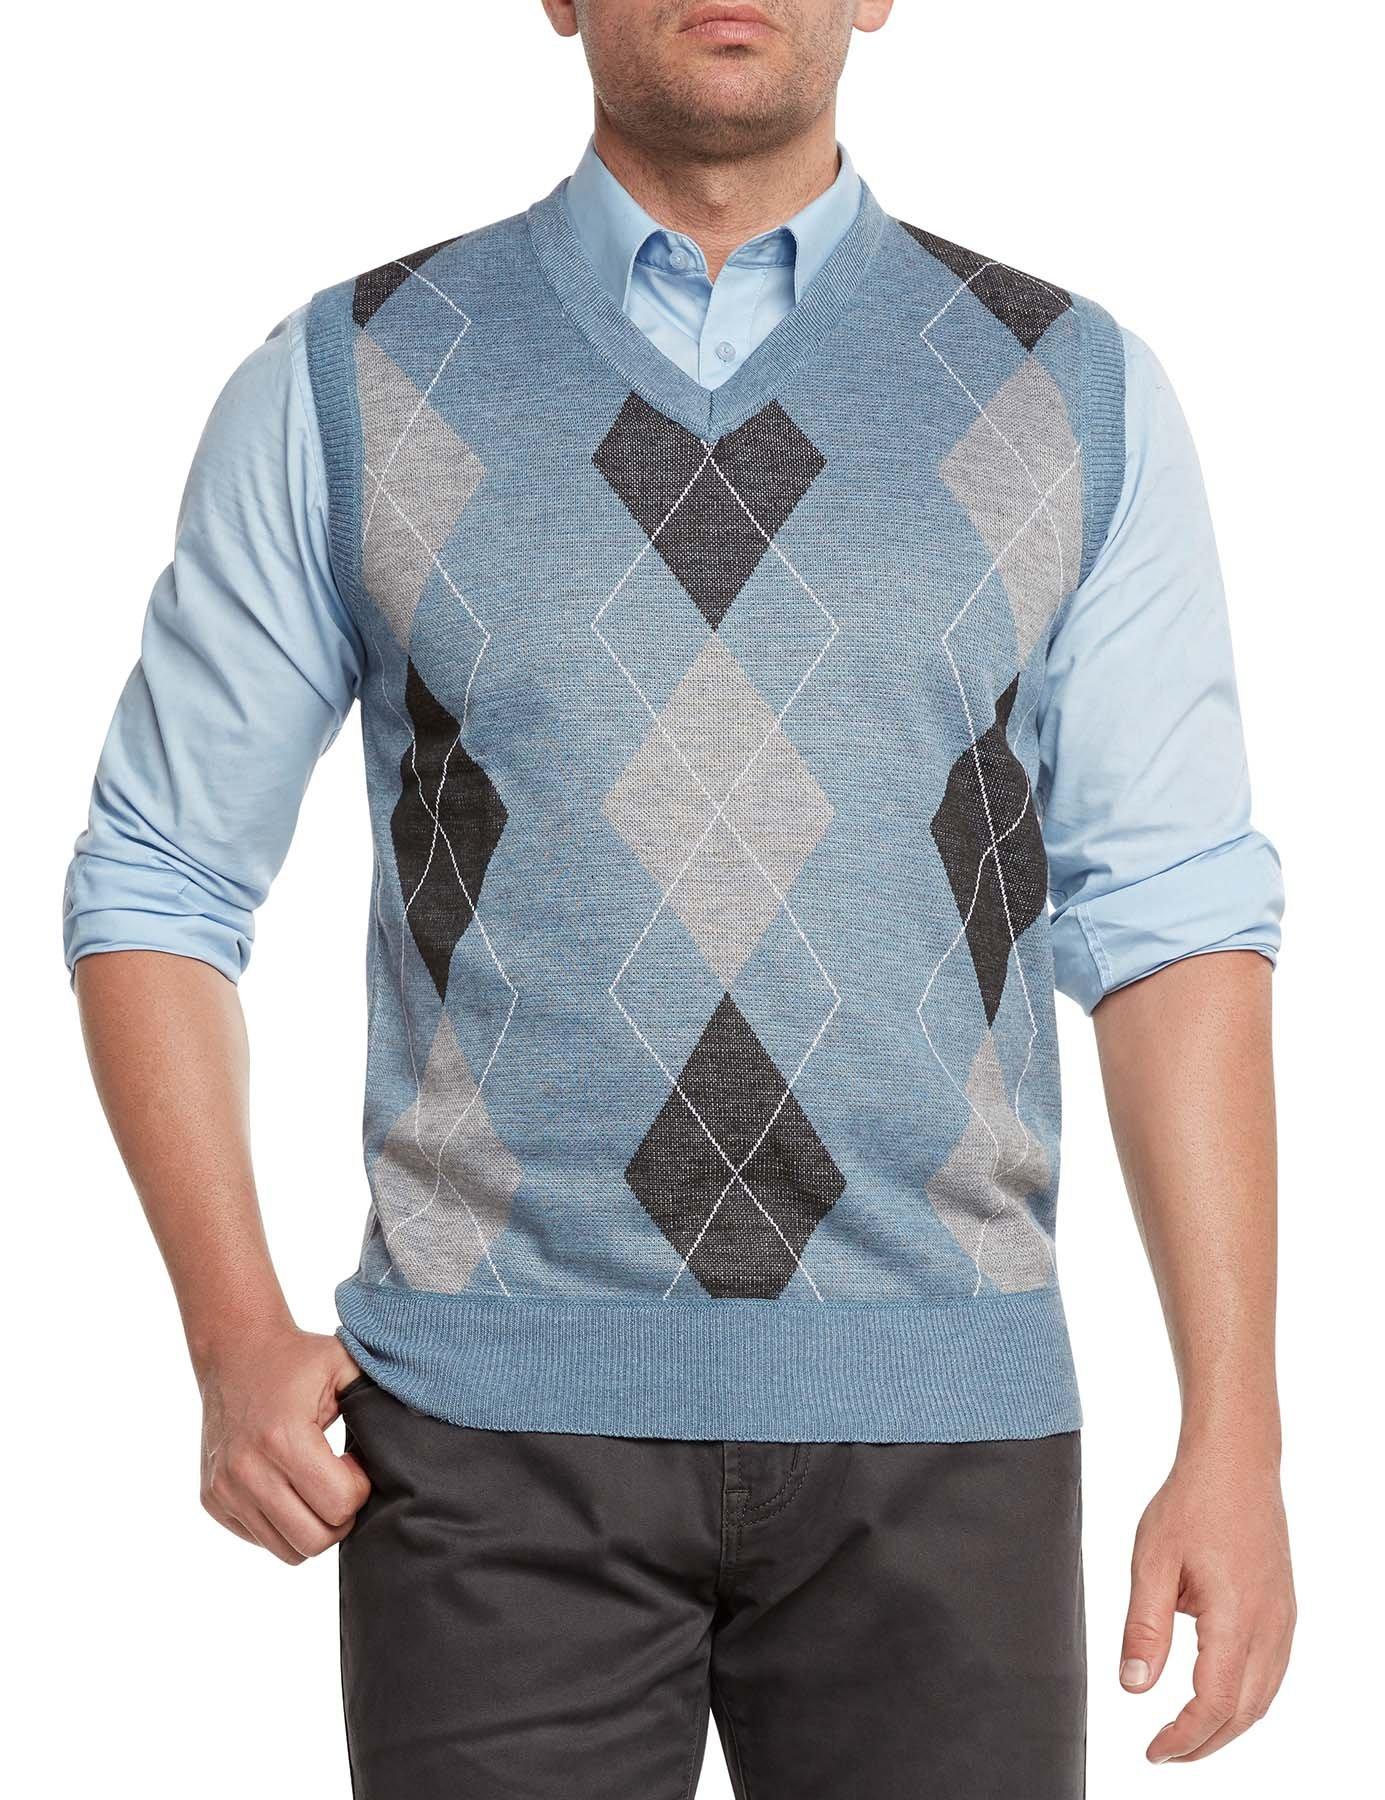 True Rock Men's Argyle V-Neck Sweater Vest-Light Blue/Blk/Gray-Medium